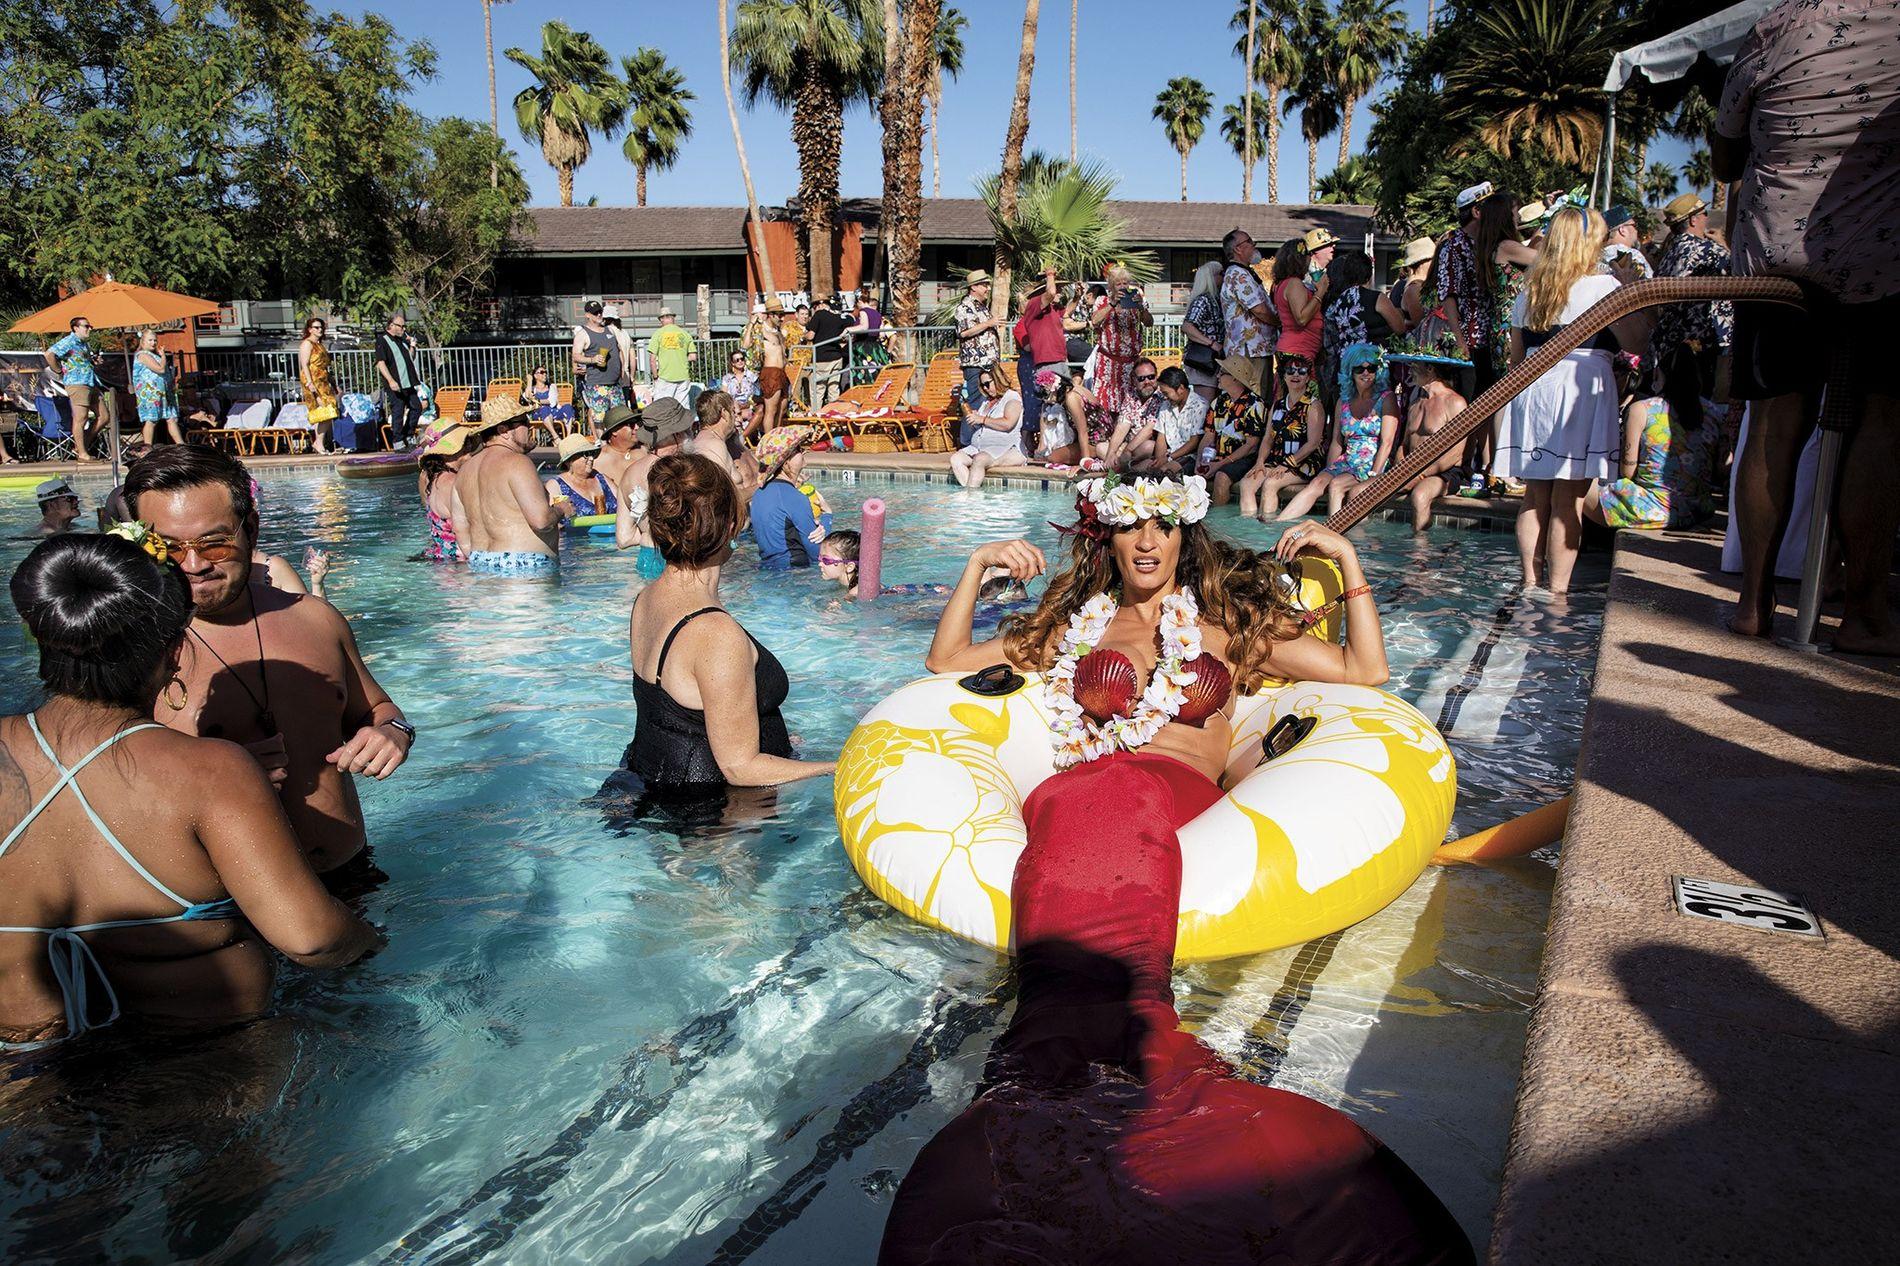 Festa de Palm Springs